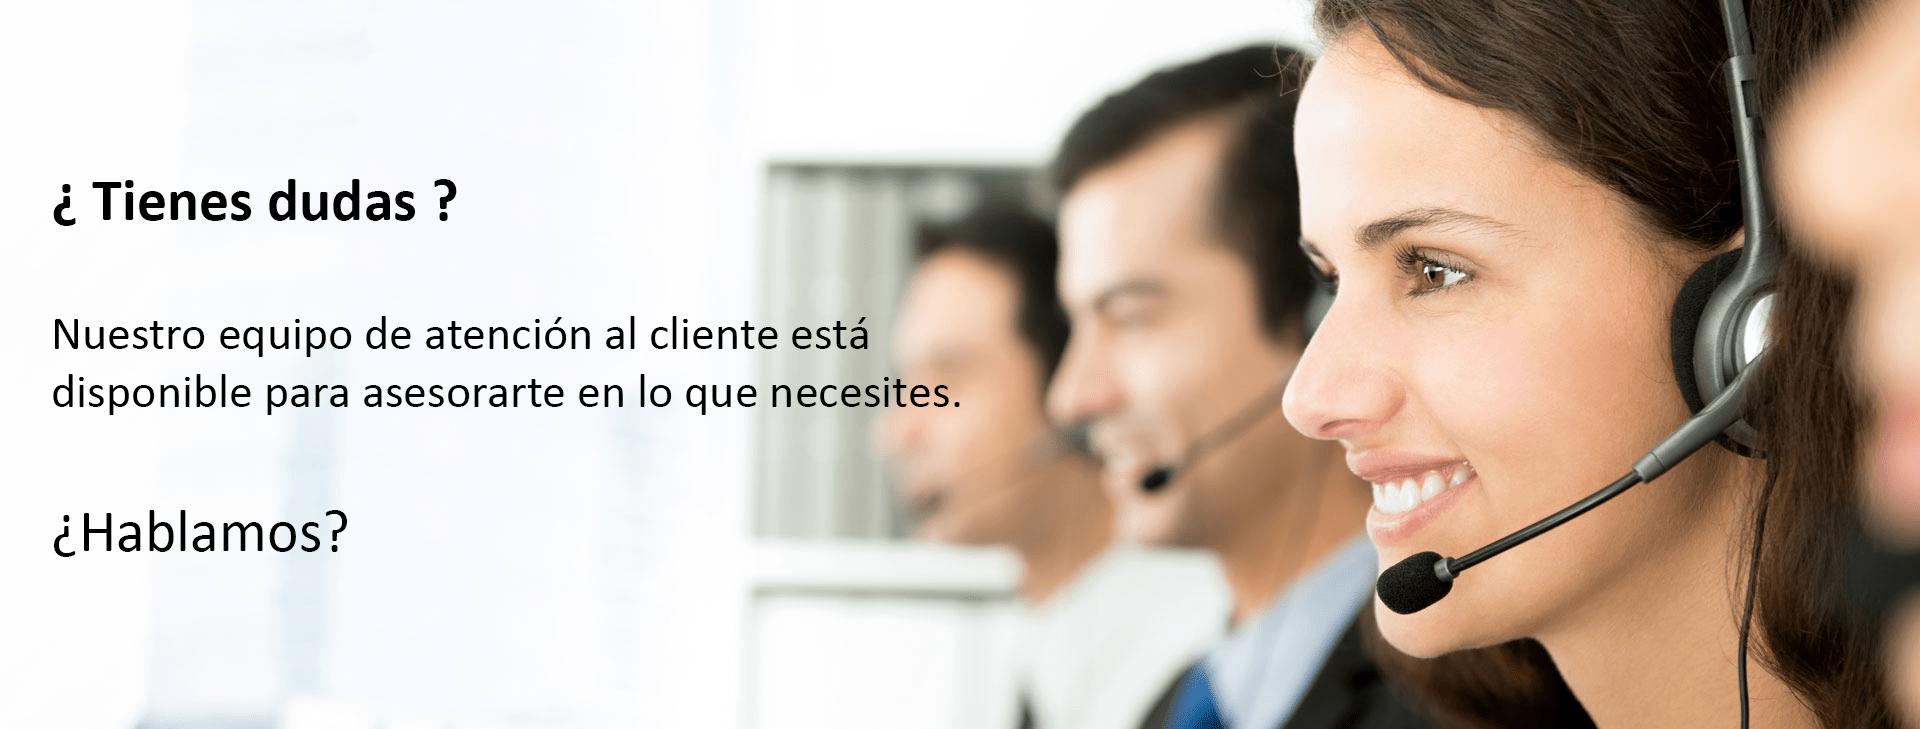 Atencion al cliente | Zona Protegida